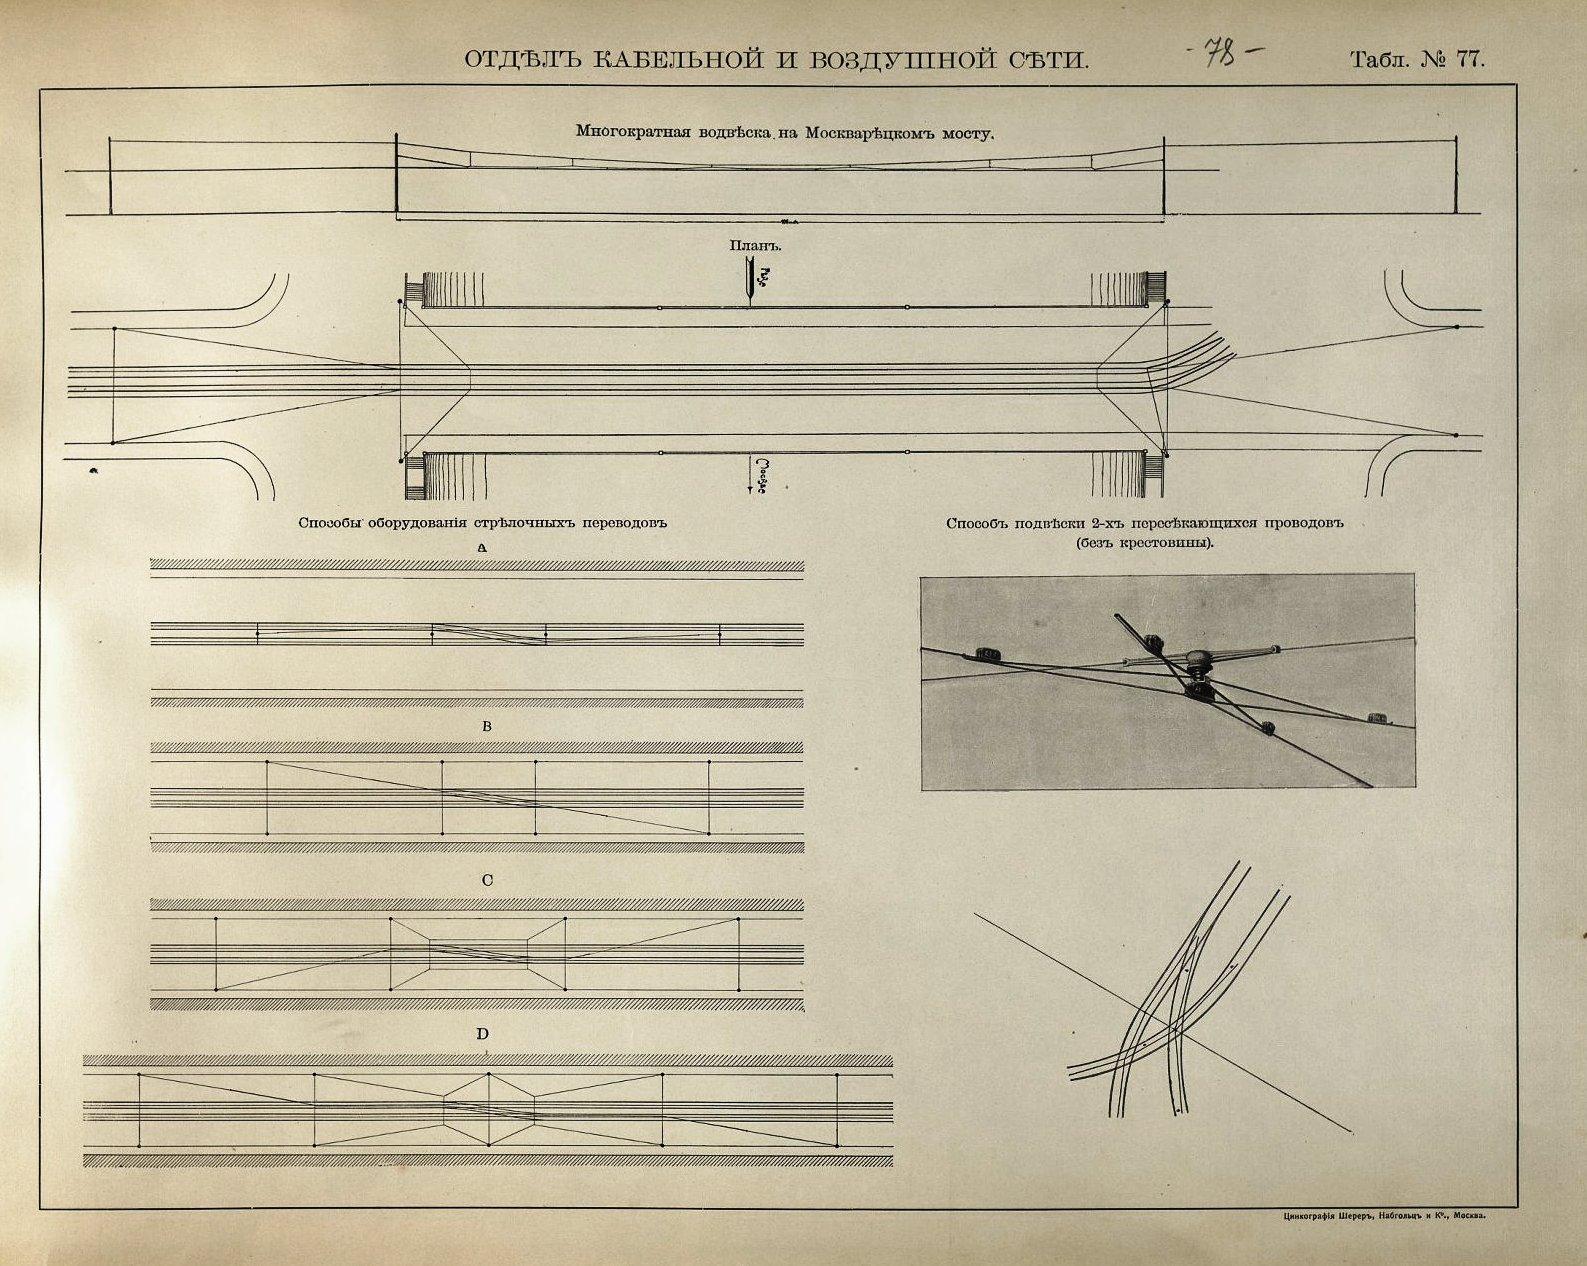 78.  Многократная подвеска на Москворецком мосту, способы оборудования стрелочных переводов, способ подвески 2-х пересекающихся проводов (без крестовины)